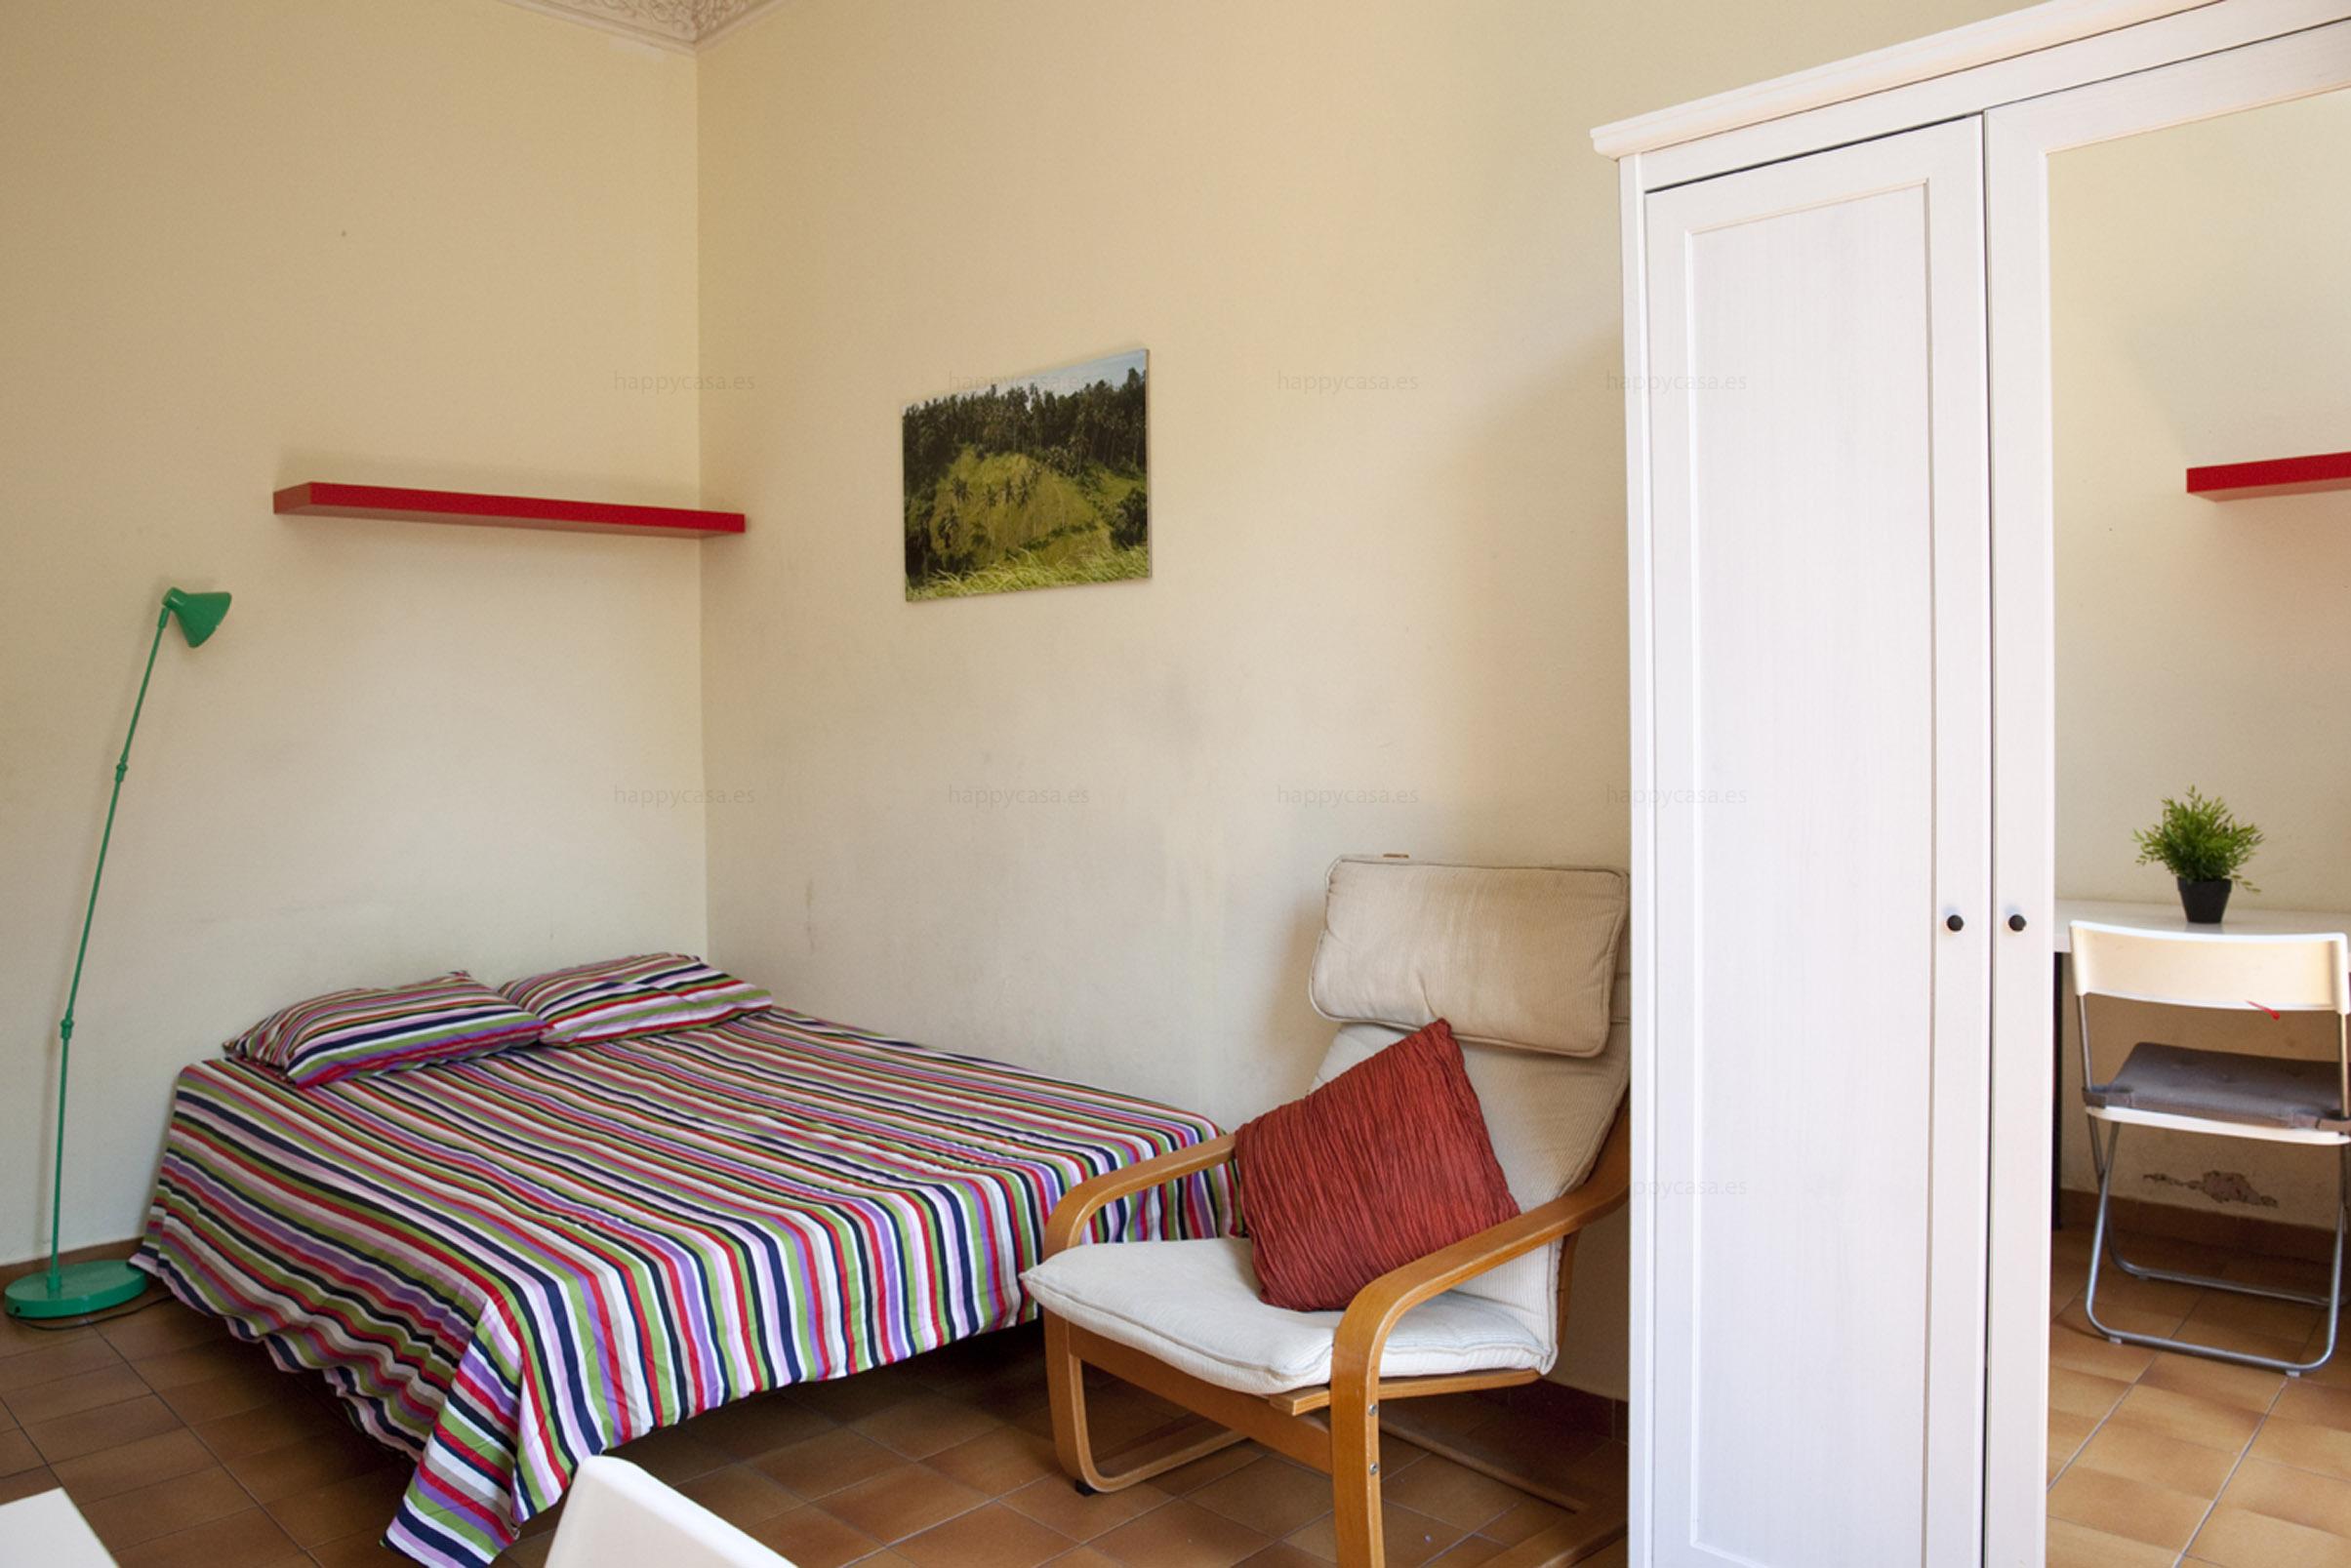 alojamiento estudiantes barcelona en piso compartido